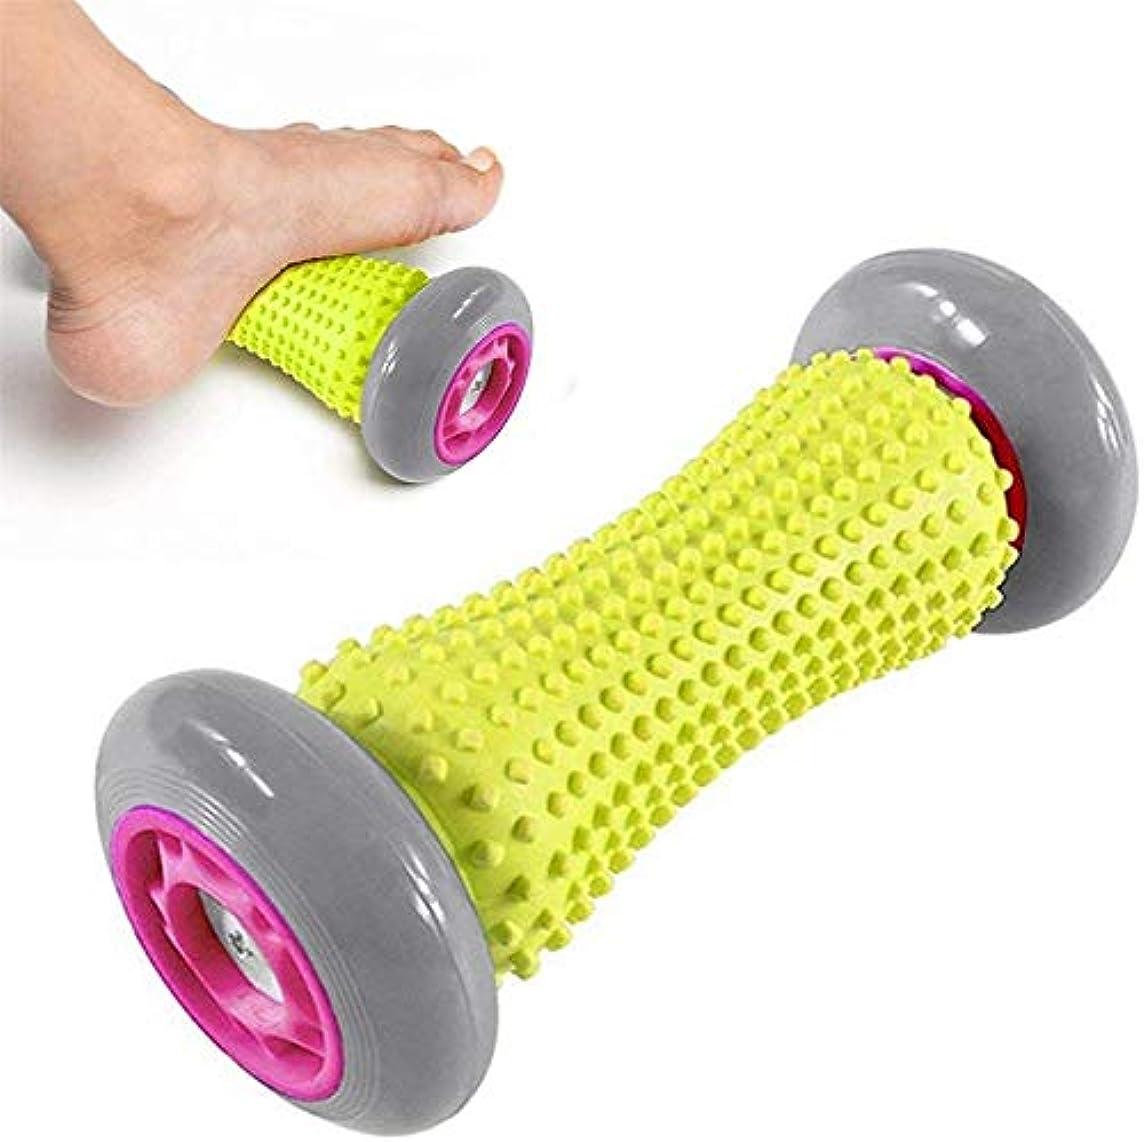 控えるメアリアンジョーンズひどくフットマッサージローラー、リラクゼーションとストレス軽減のために足のアーチの痛みと足底筋膜炎の筋肉ローラースティック、指圧リフレクソロジーツールを和らげます